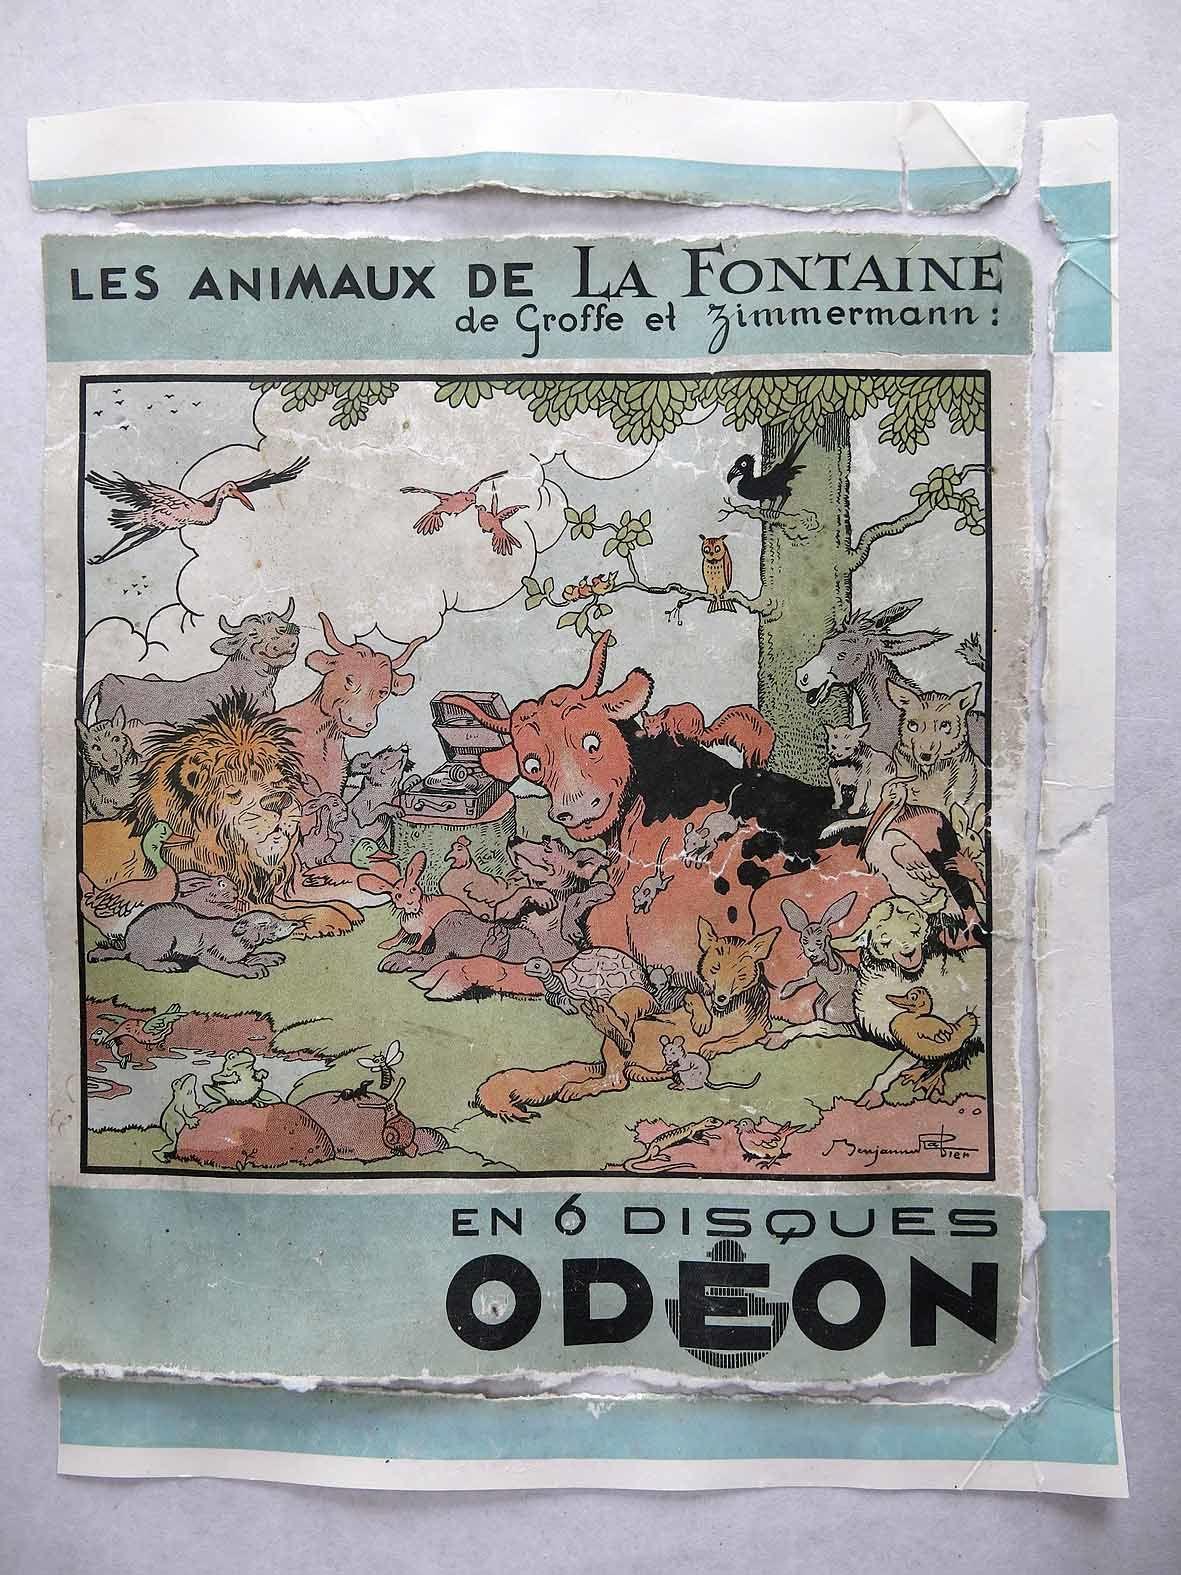 BENJAMIN RABIER ILLUSTRE UN ALBUM DE 6 DISQUES ODEON - LES ANIMAUX DE LA FONTAINE